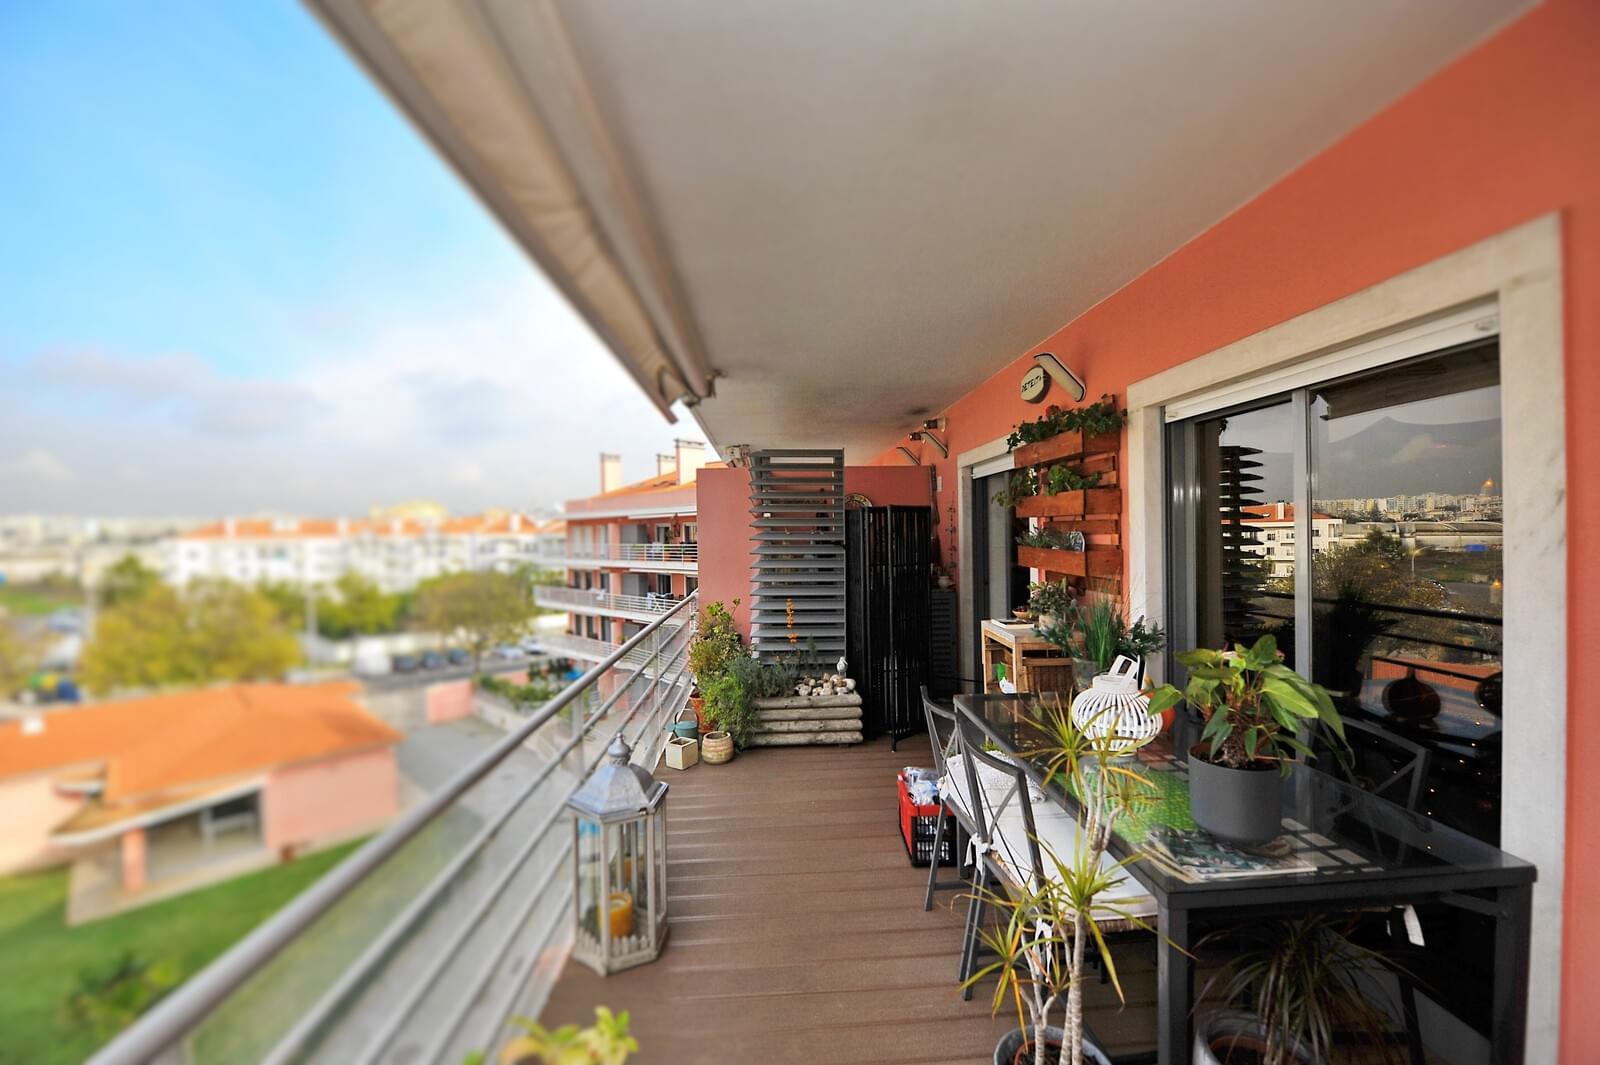 Apartamento T3 duplex com piscina em condomínio fechado